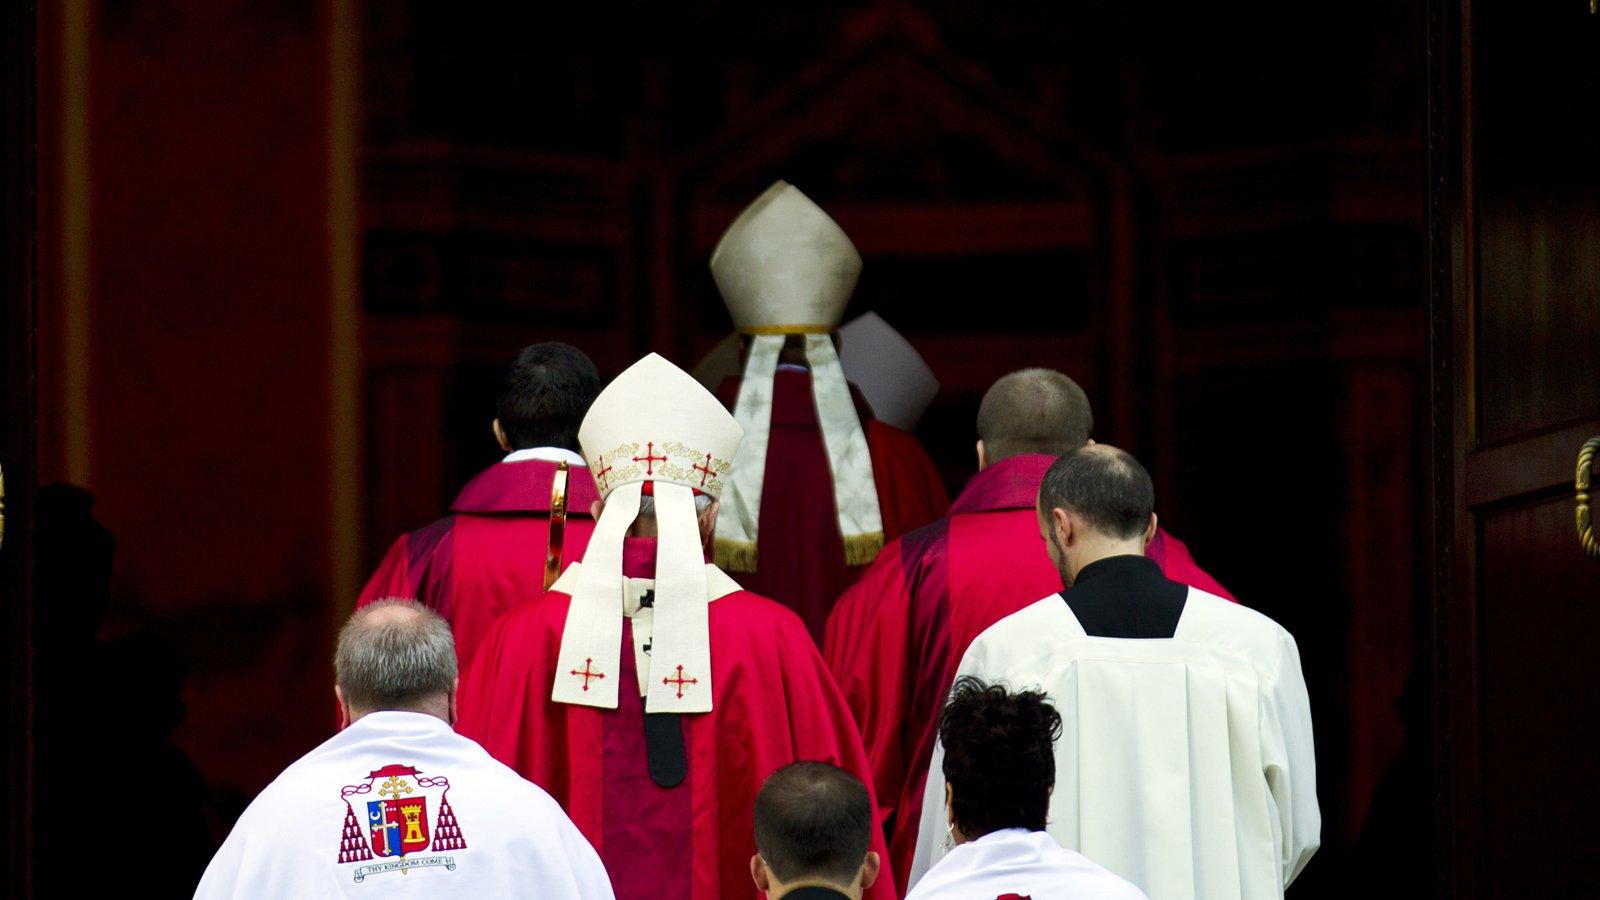 СМИ: Всех католических епископов США призвали уйти в отставку